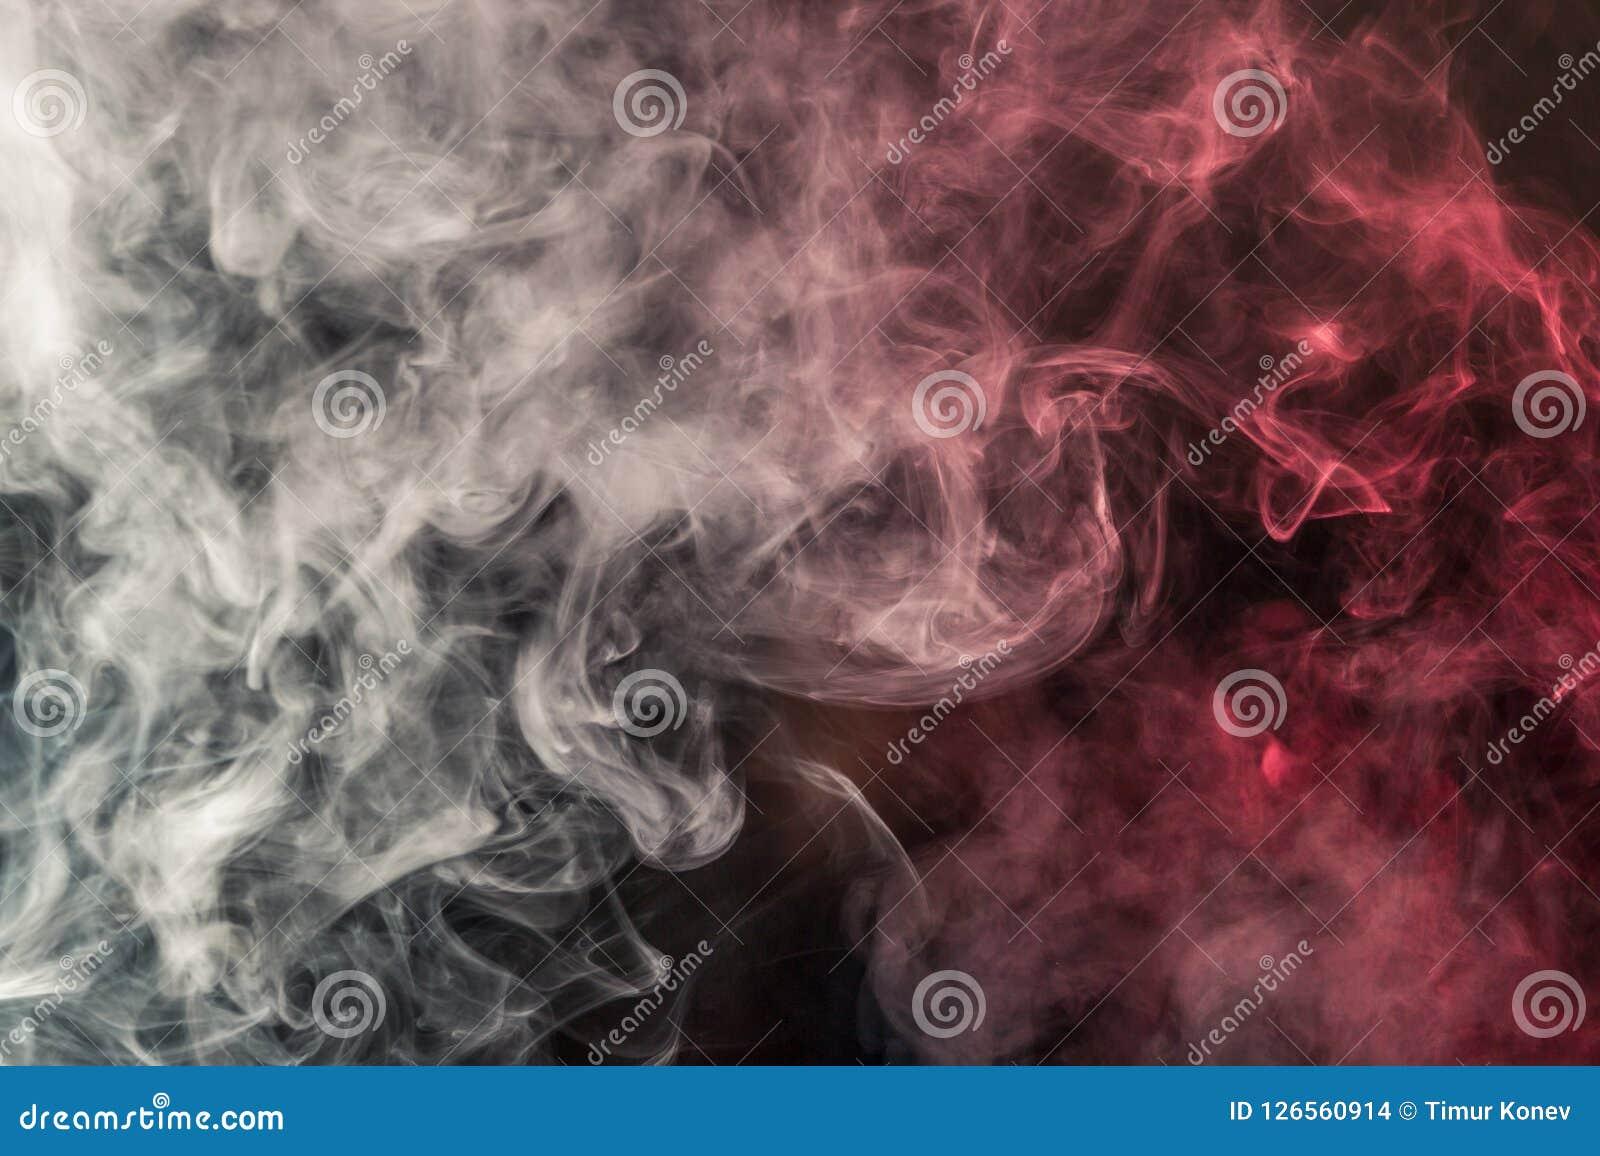 Fumo colorido em um fundo preto de cores vermelhas e brancas Th